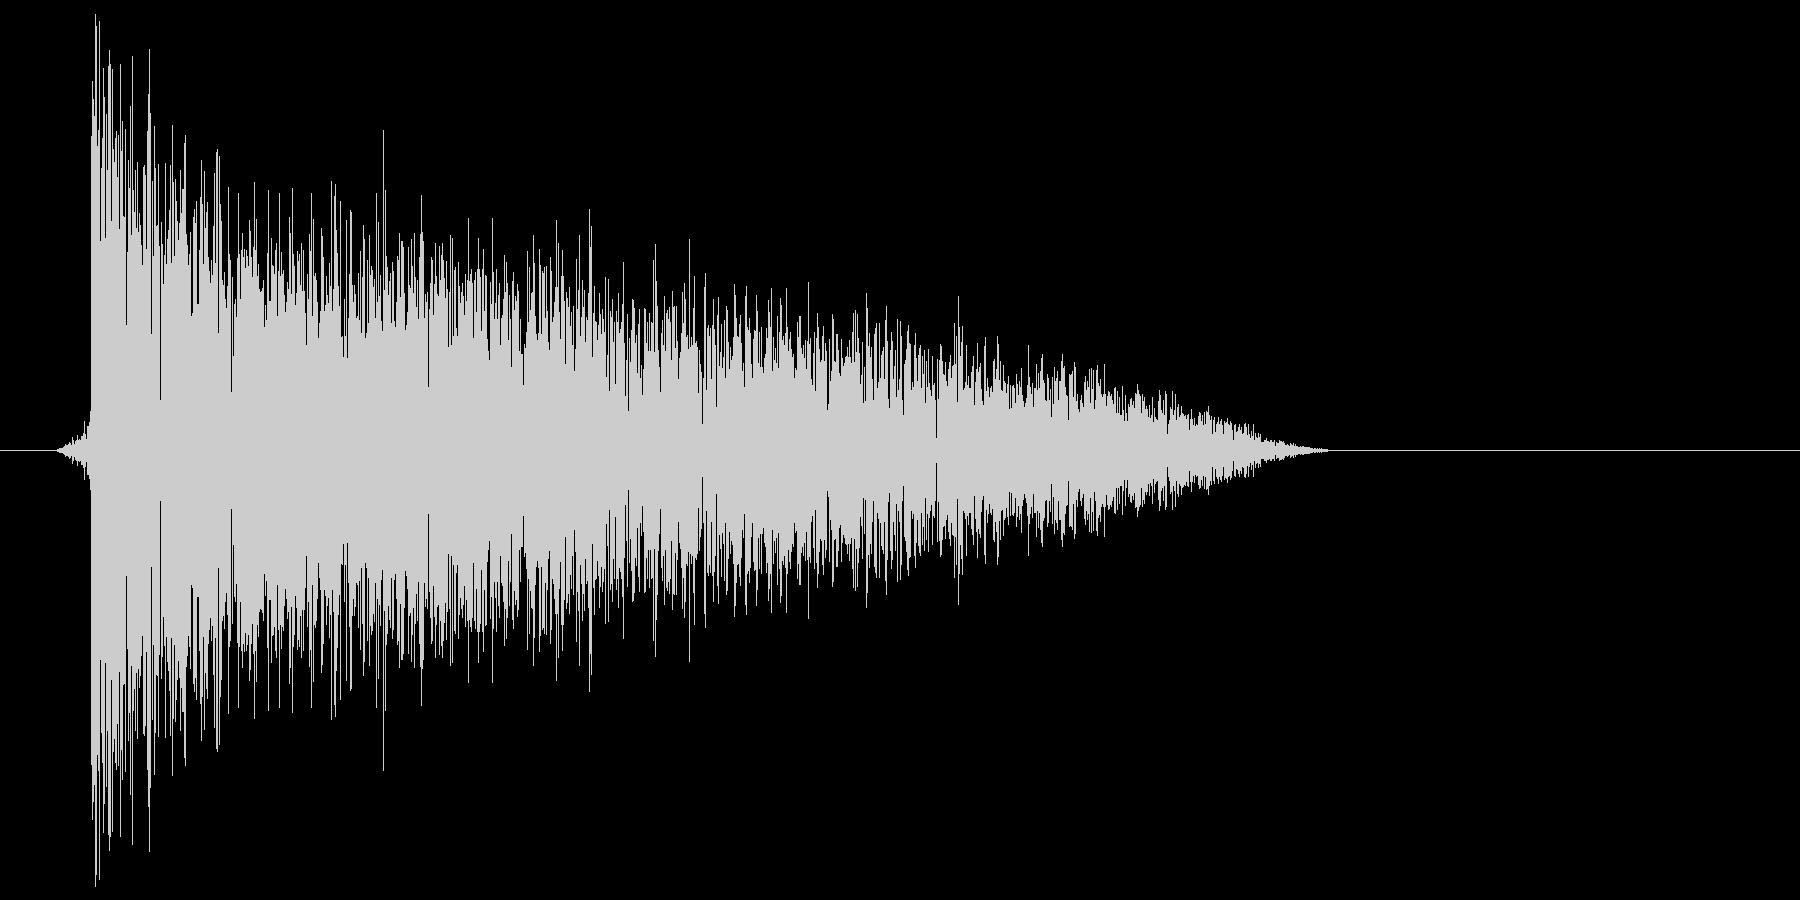 ゲーム(ファミコン風)爆発音_047の未再生の波形